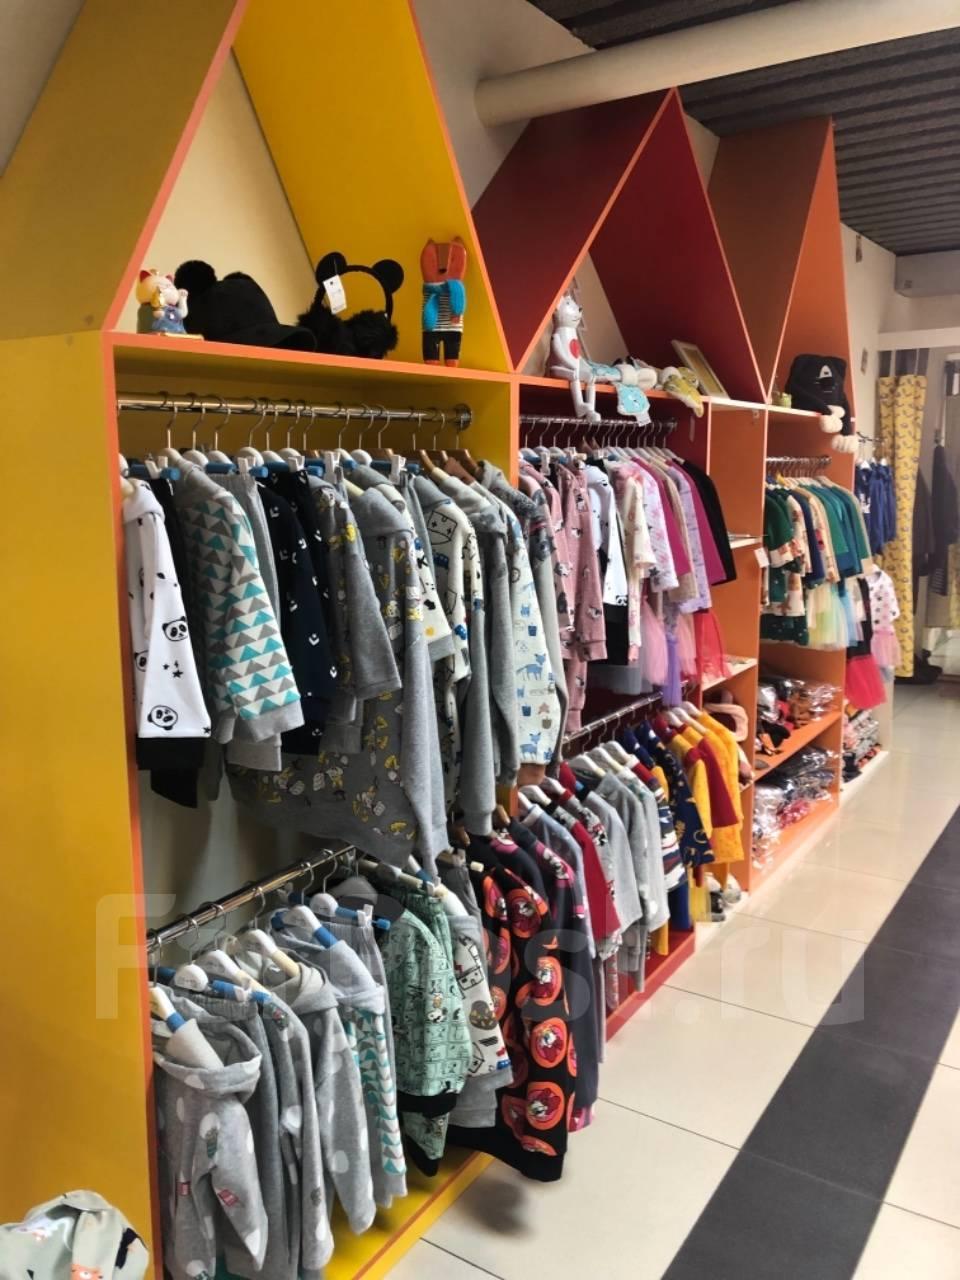 b8aef32463b9 Магазин одежды продажа готового бизнеса в Благовещенске